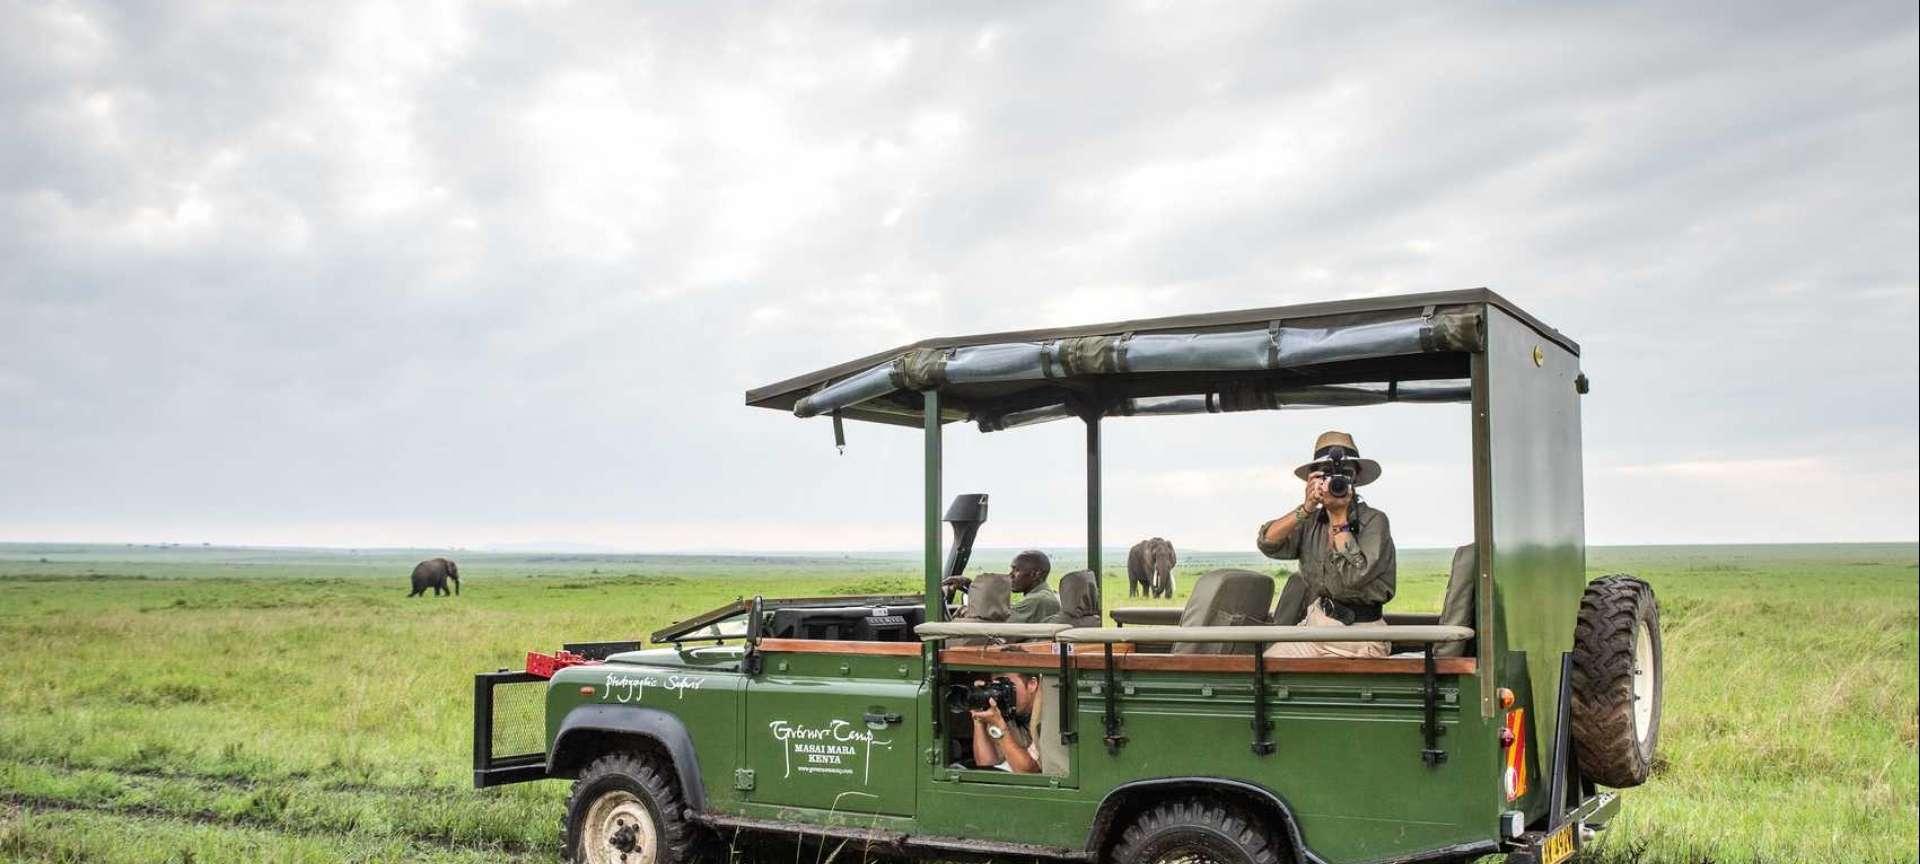 Luxury Safari in the Maasai Mara - Africa Wildlife Safaris